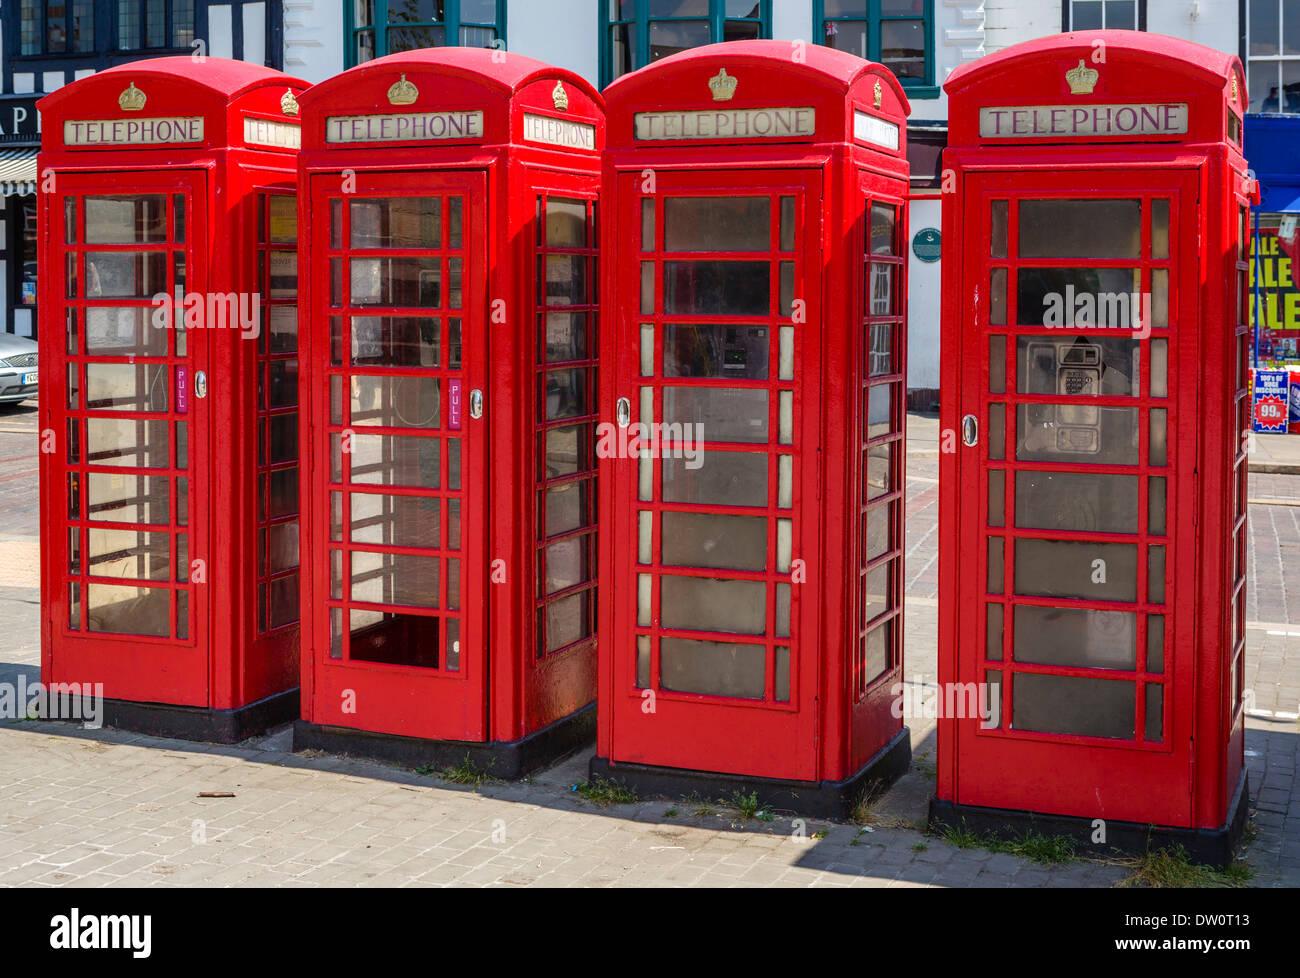 Reihe von traditionellen rotes Telefon-Boxen in der historischen alten Marktplatz, Ripon, North Yorkshire, England, UK Stockbild